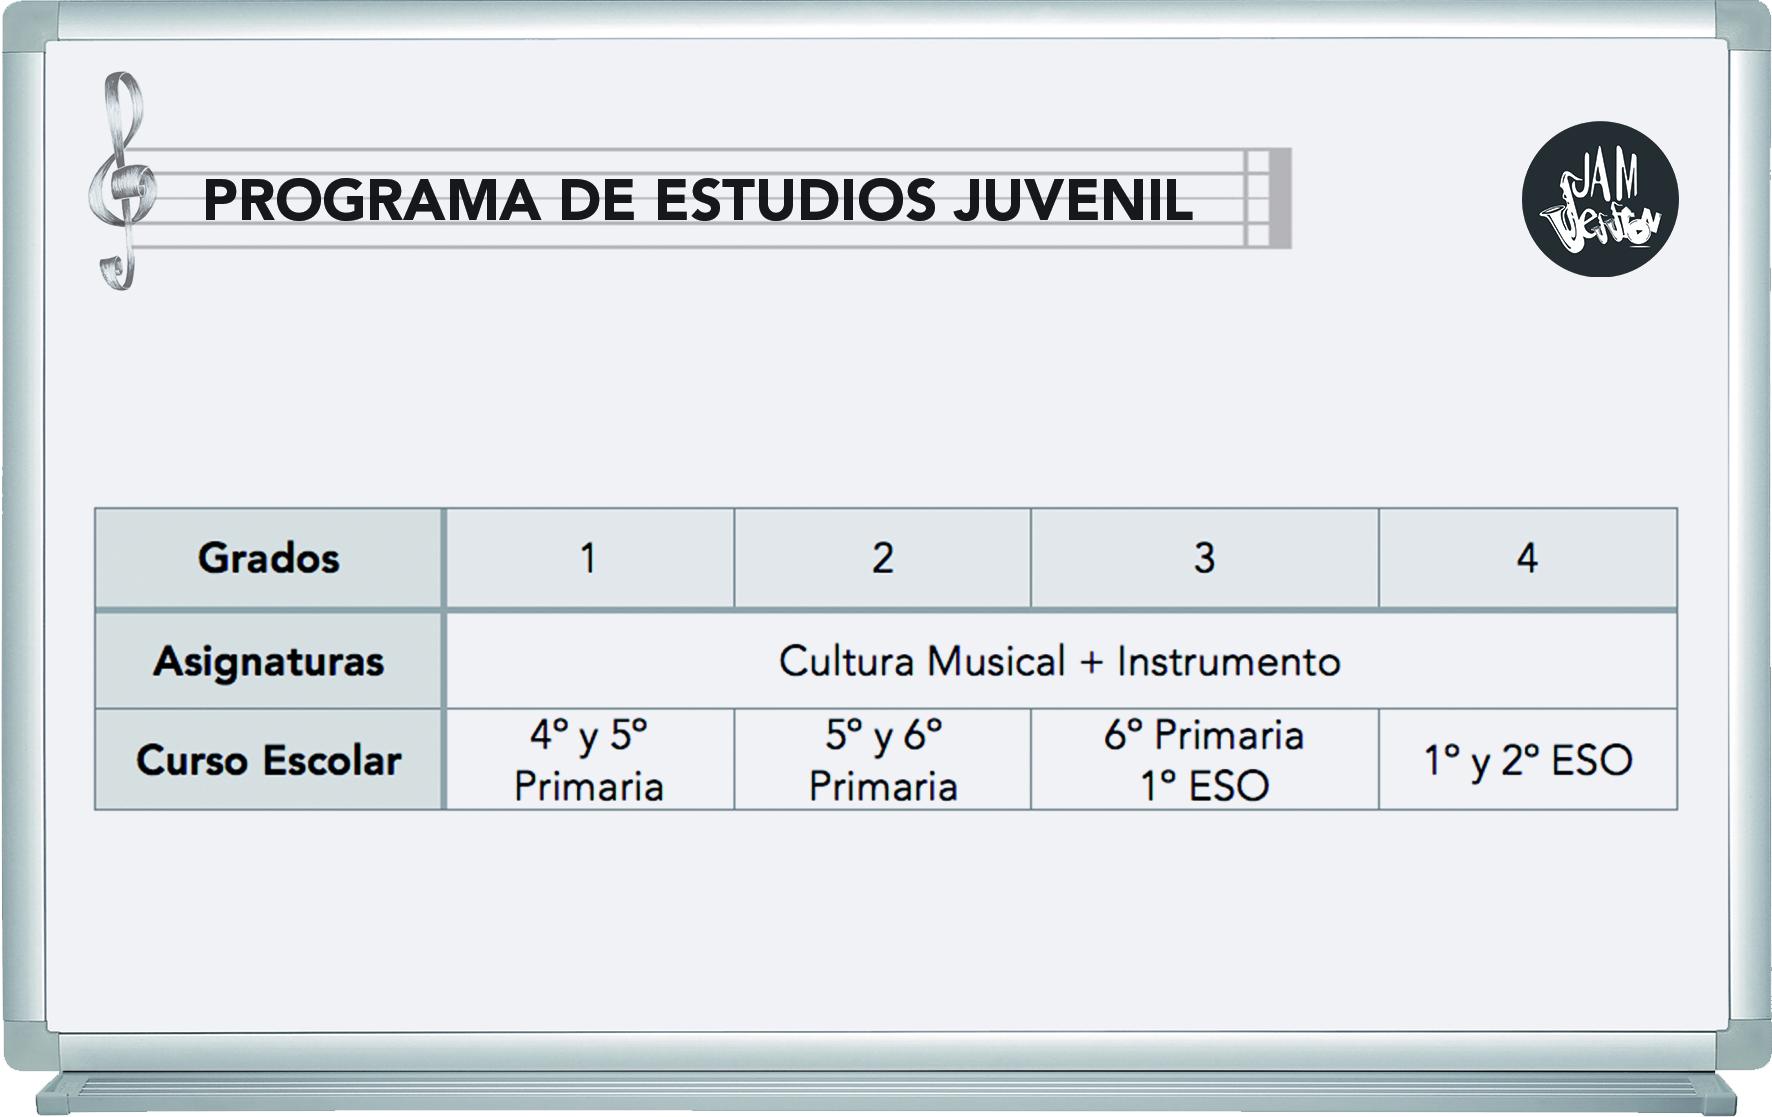 Programa de estudios juvenil (cast) 3